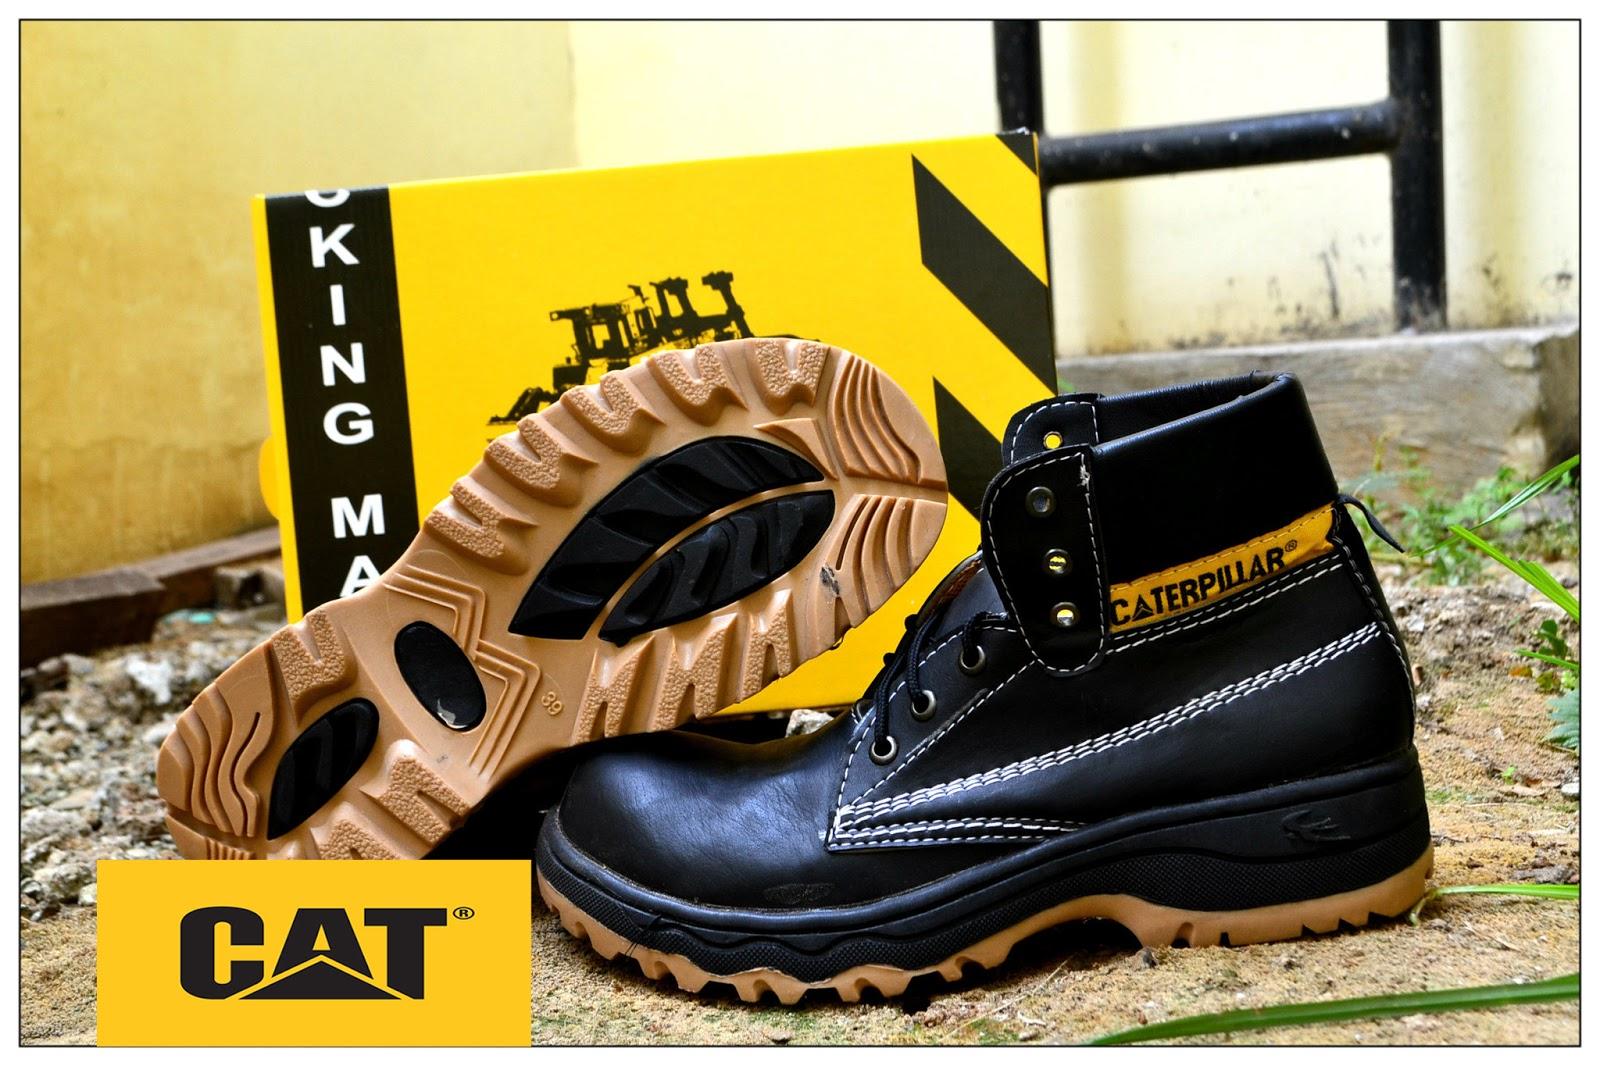 Jual Sepatu Caterpillar Black Dyno Special Rp 165000 KW Super